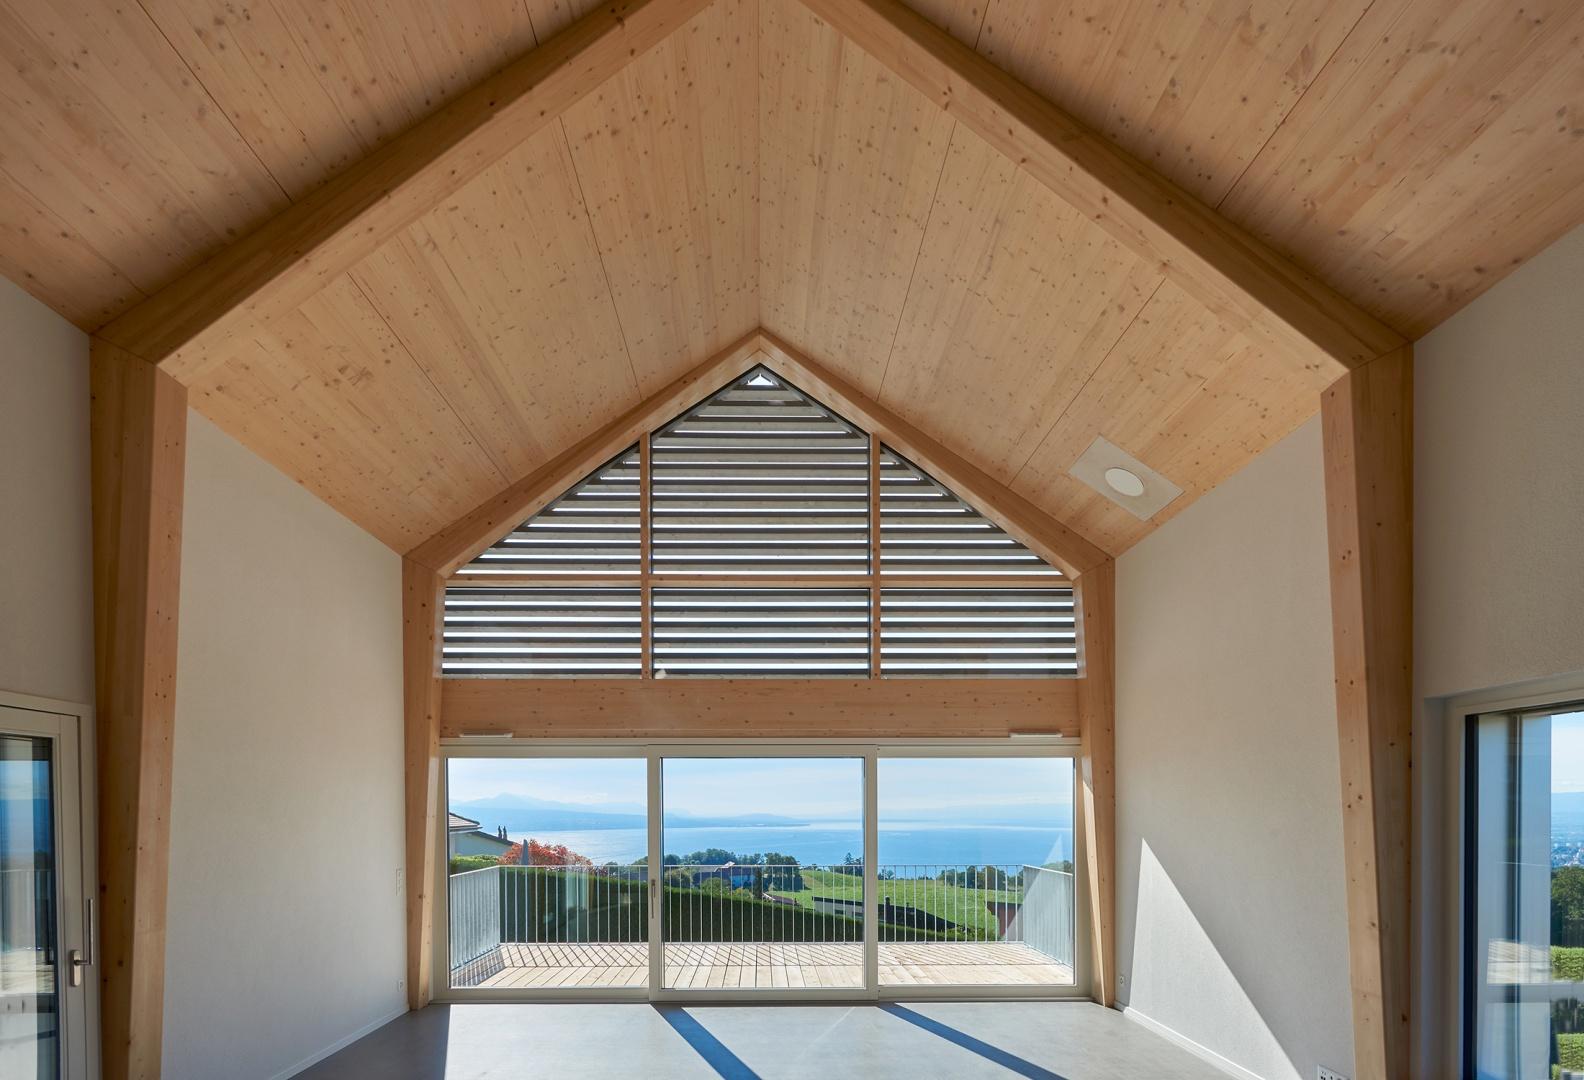 © Lutz Architectes/Corinne Cuendet, Clarens